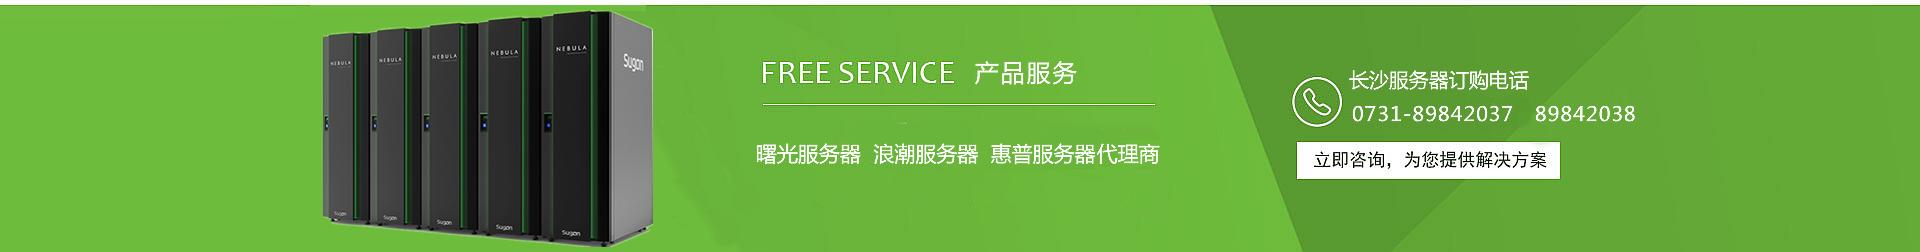 长沙曙光服务器